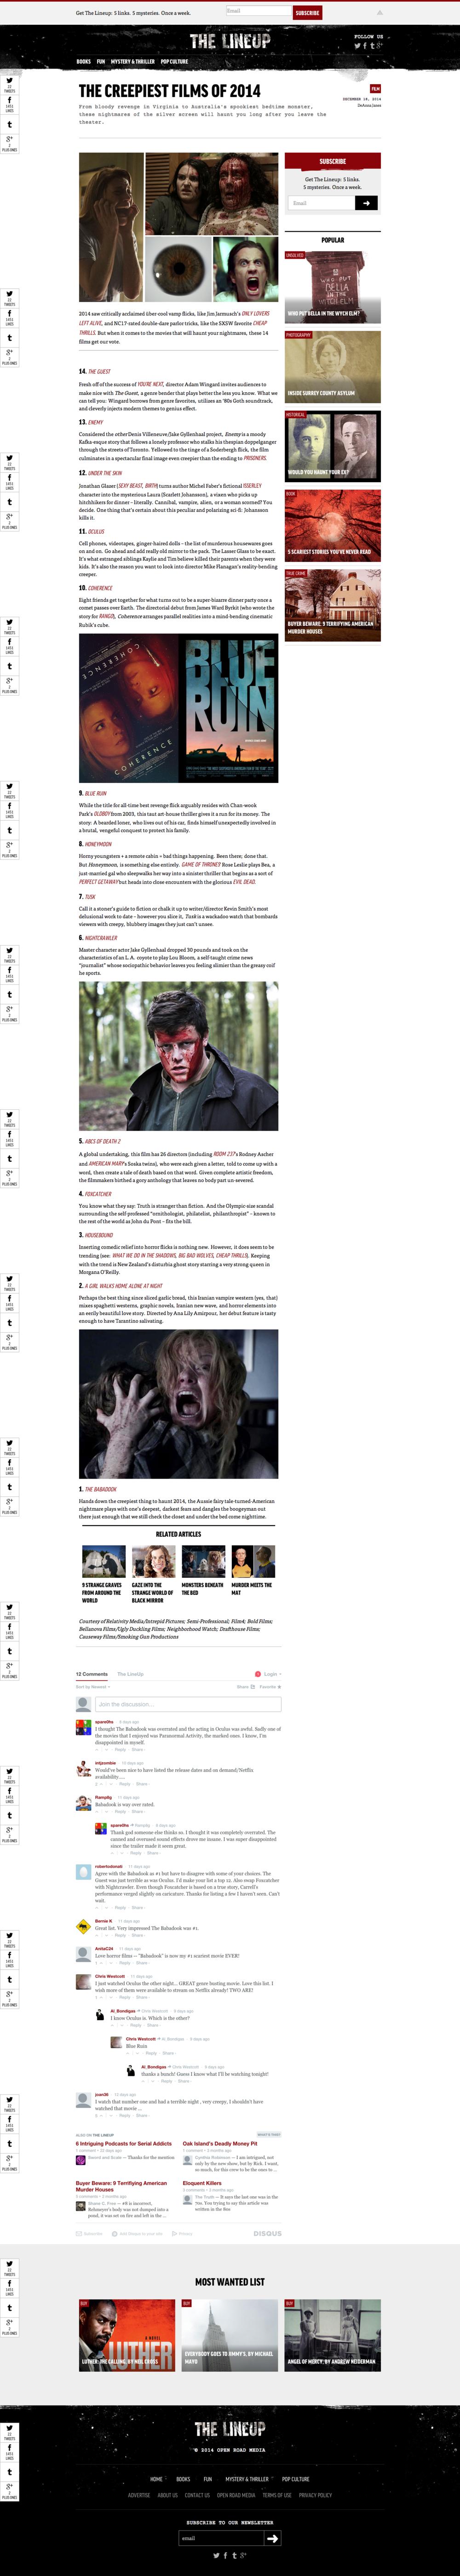 creepiest films 2014